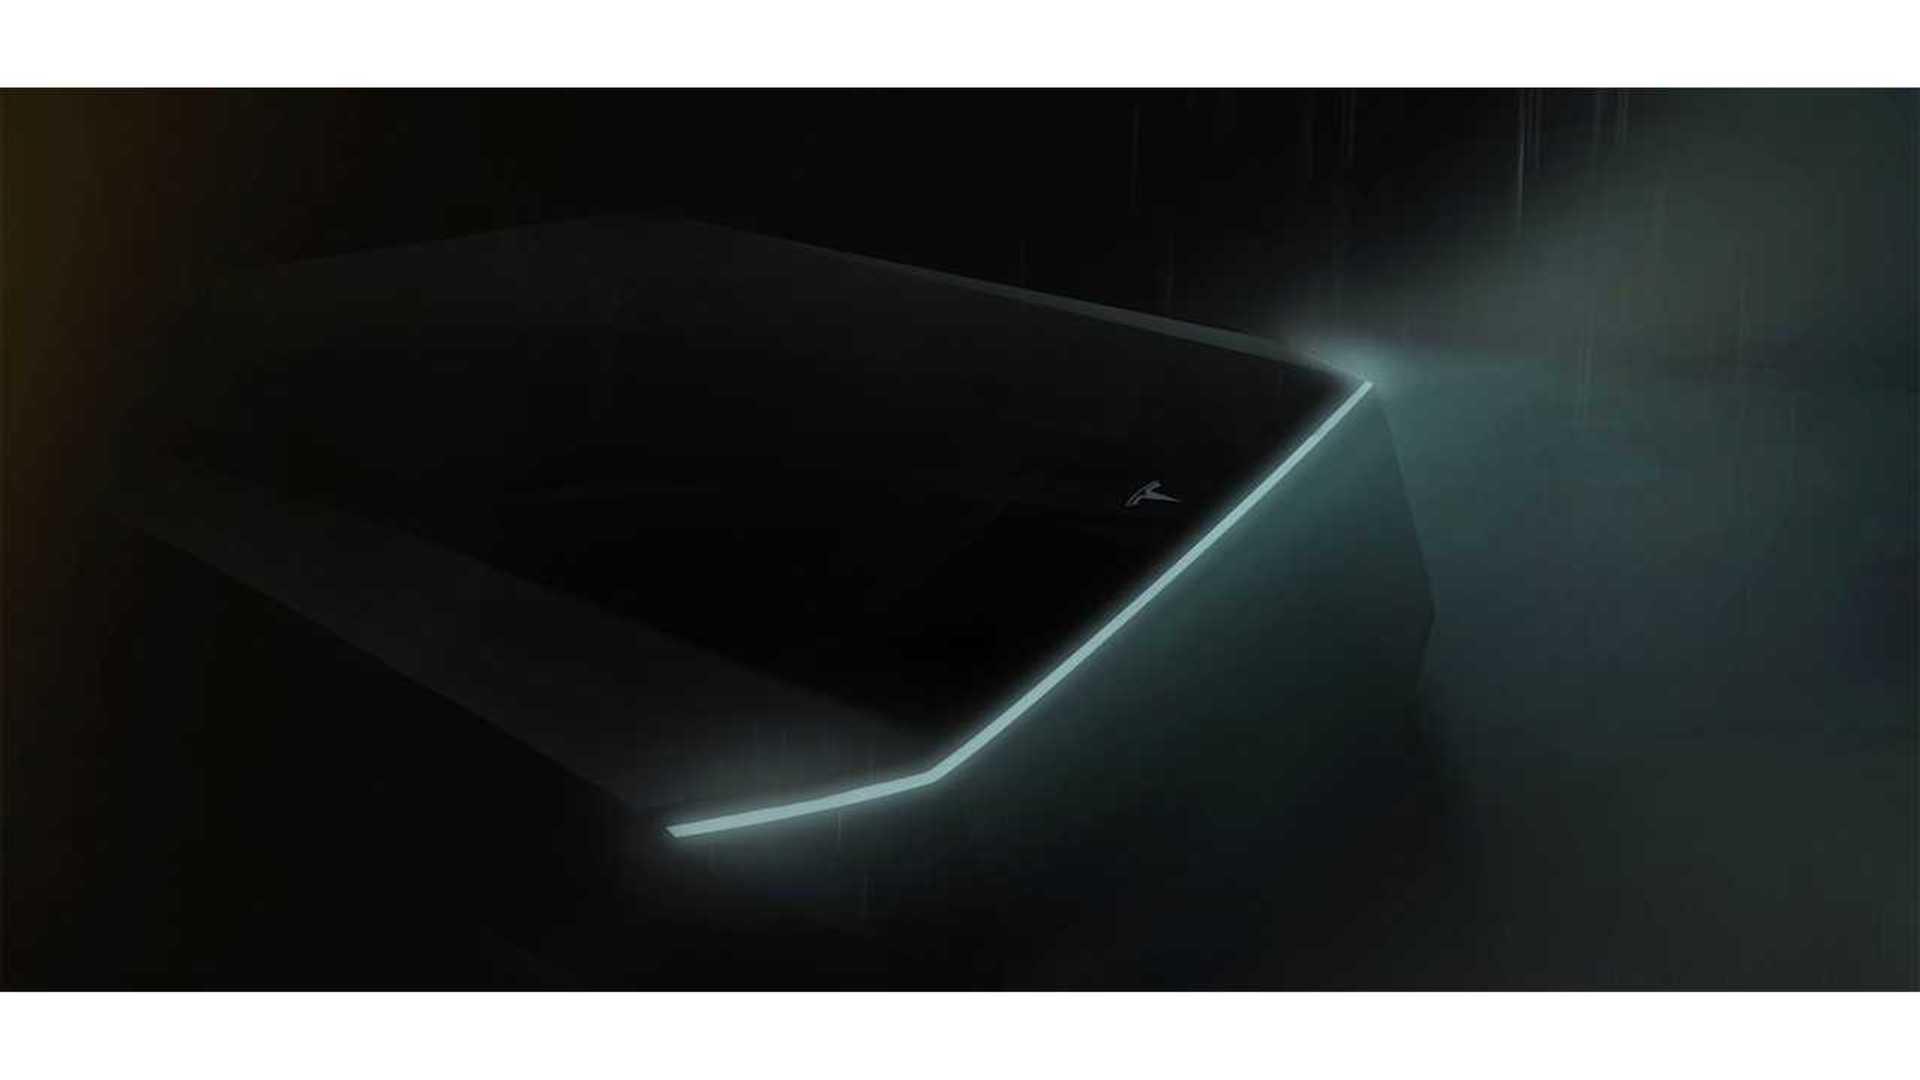 What Might Elon Musk's Tesla Cyberpunk Pickup Truck Look Like?